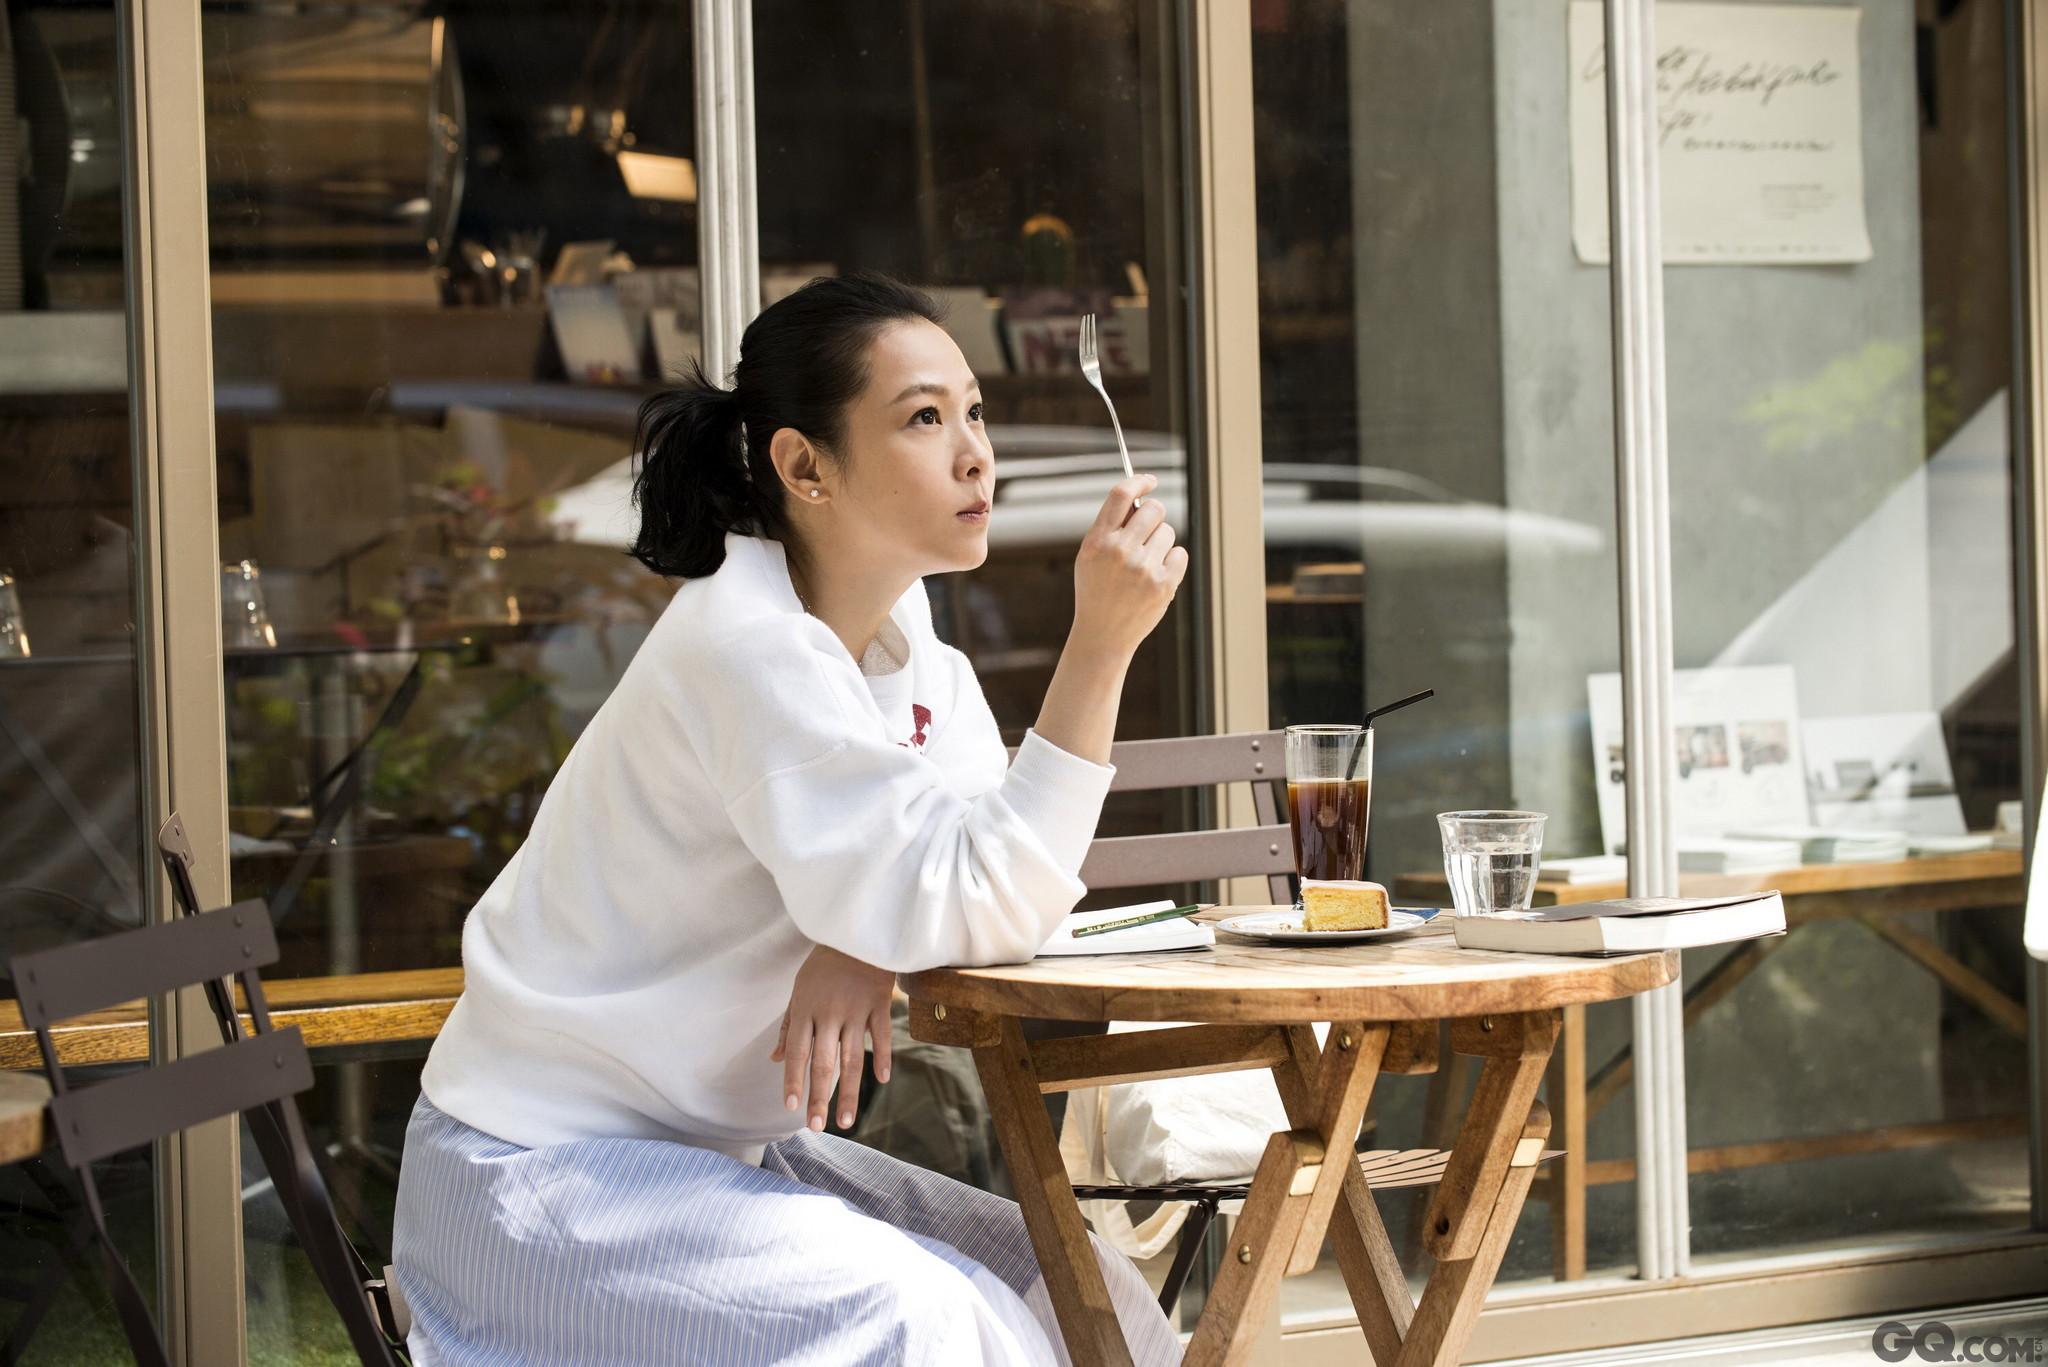 """近日,刘若英正忙于""""我敢 Renext""""世界巡回演唱会的工作,继伦敦、巴黎、纽约之后,又把演唱会开到了东京、悉尼、墨尔本等海外城市,一连几月的演唱会安排马不停蹄,但刘若英仍然抽空进行新剧本的创作与反复调整,她说:""""歌手、演员,导演和编剧,这四种工作对我而言是相辅相成、互相融合的,我想通过不同的方式把我的心情、情绪、思绪和感受分享给大家。"""""""